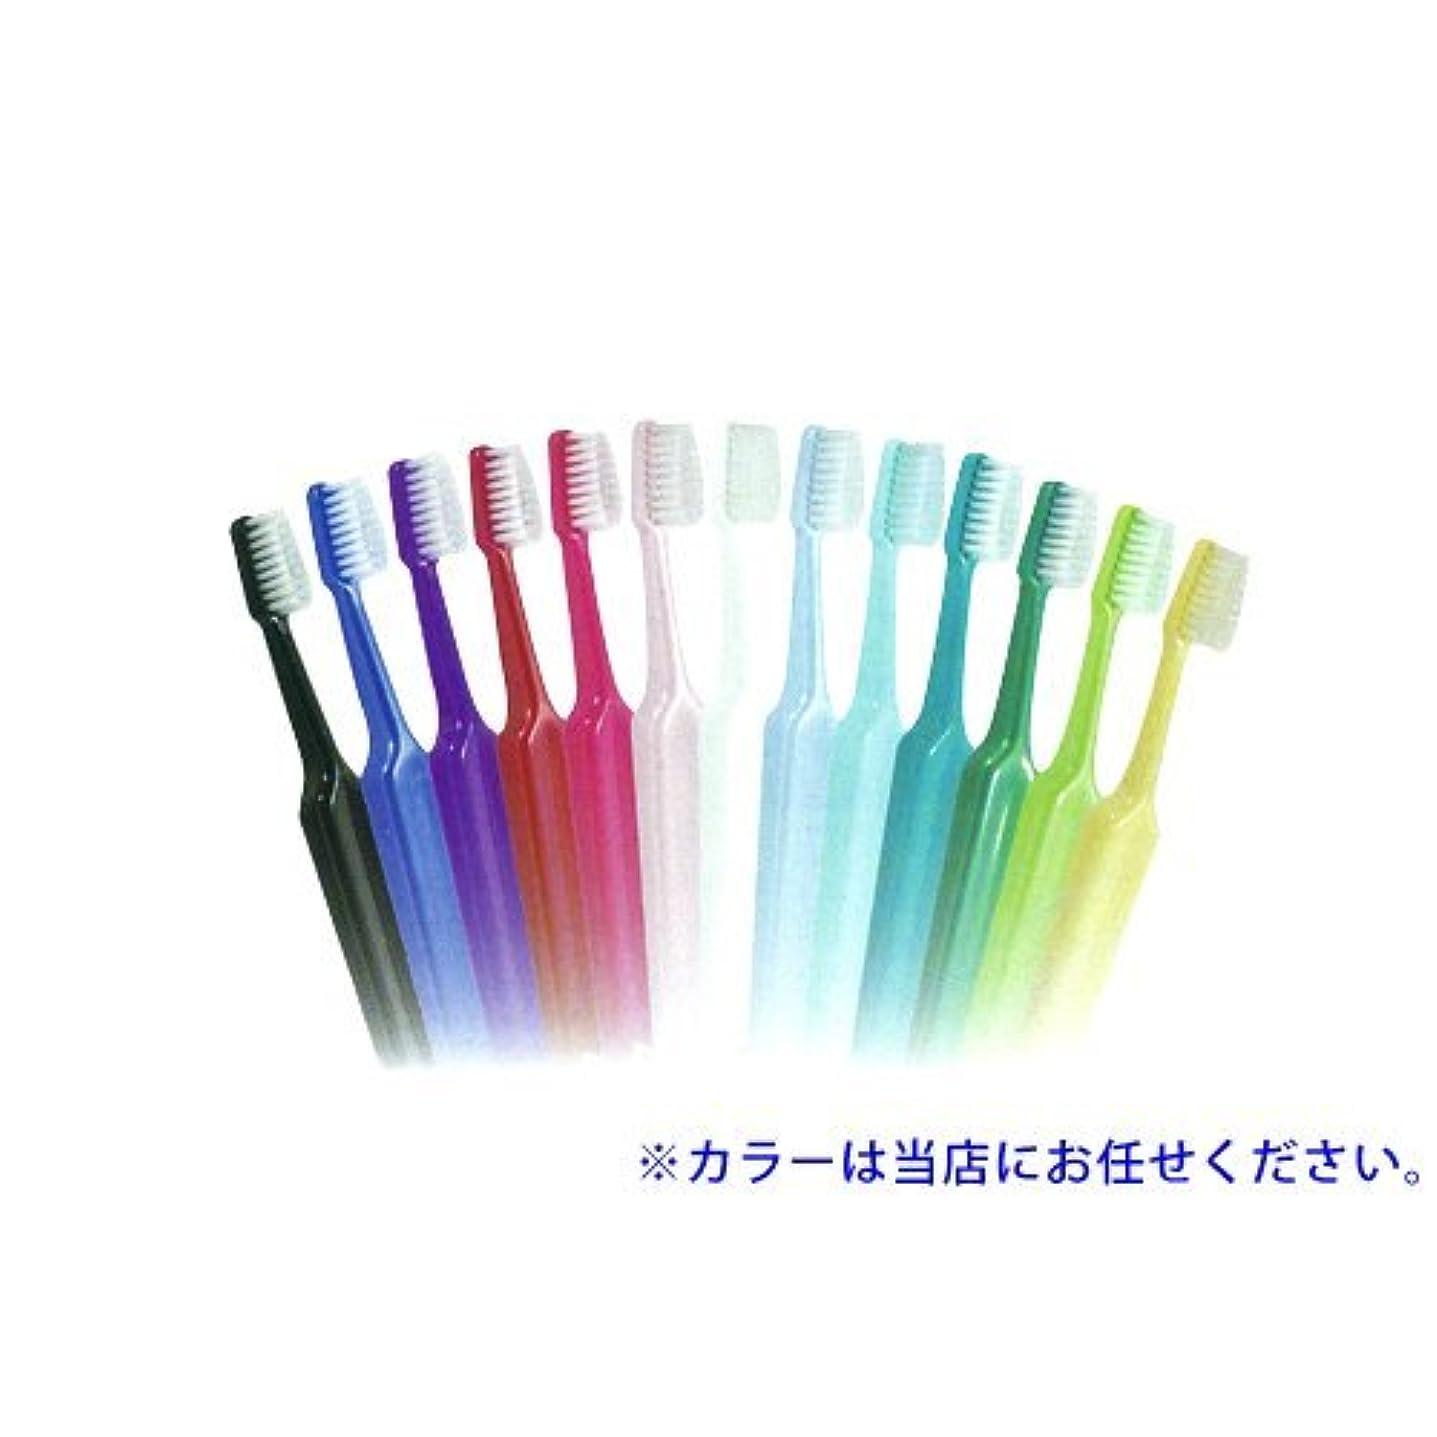 冷える保証金差別クロスフィールド TePe テペ セレクトコンパクト 歯ブラシ 1本 コンパクト ミディアム